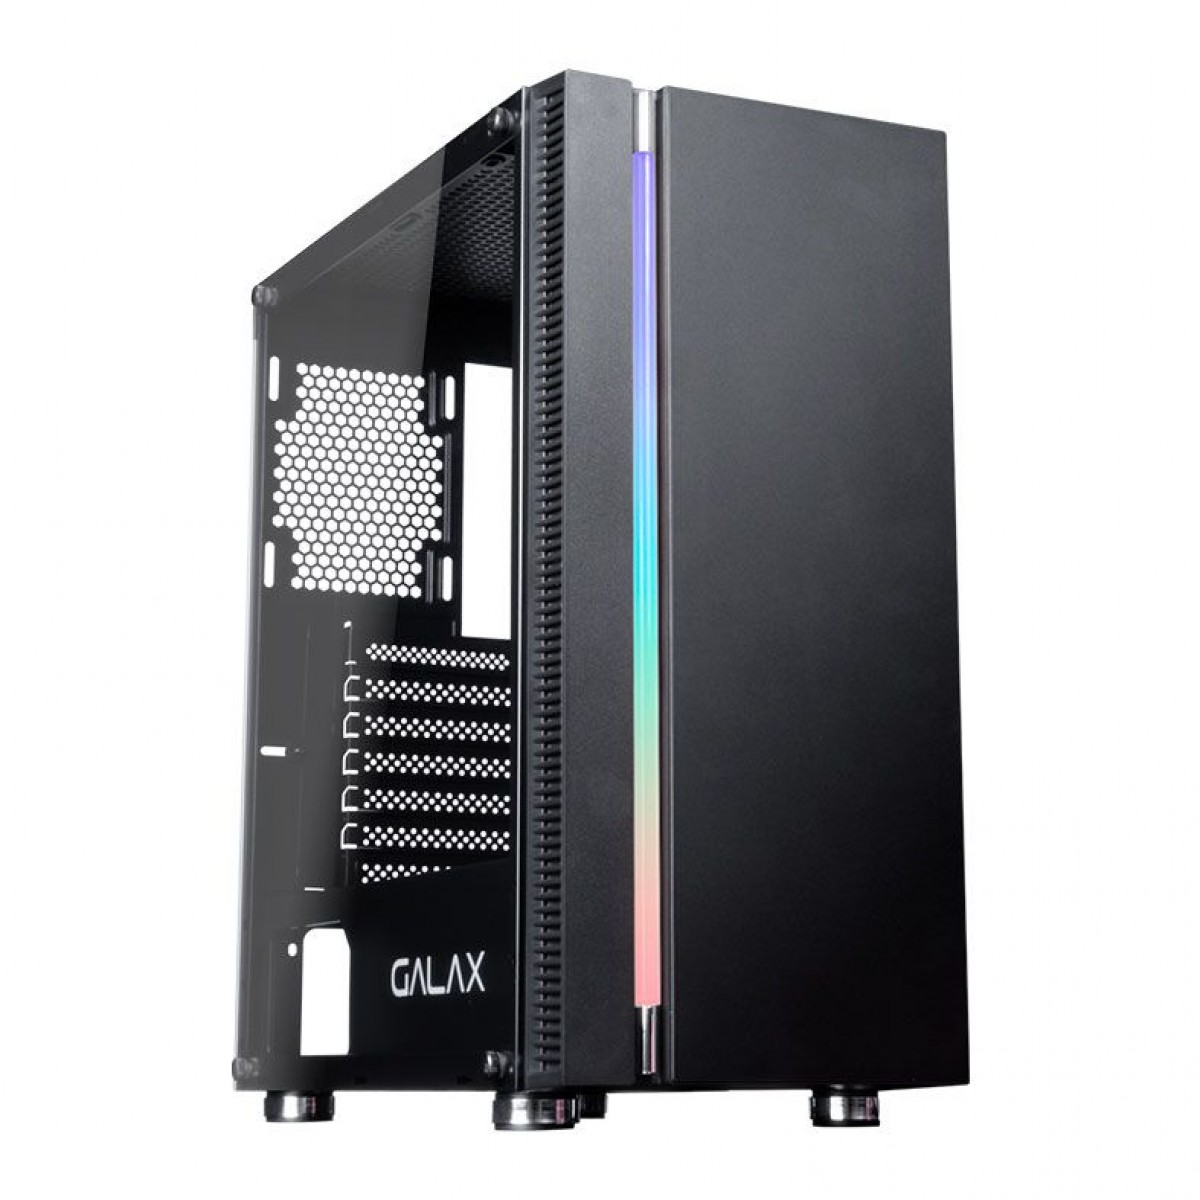 Gabinete Gamer Galax Quasar Preto GX600-BK